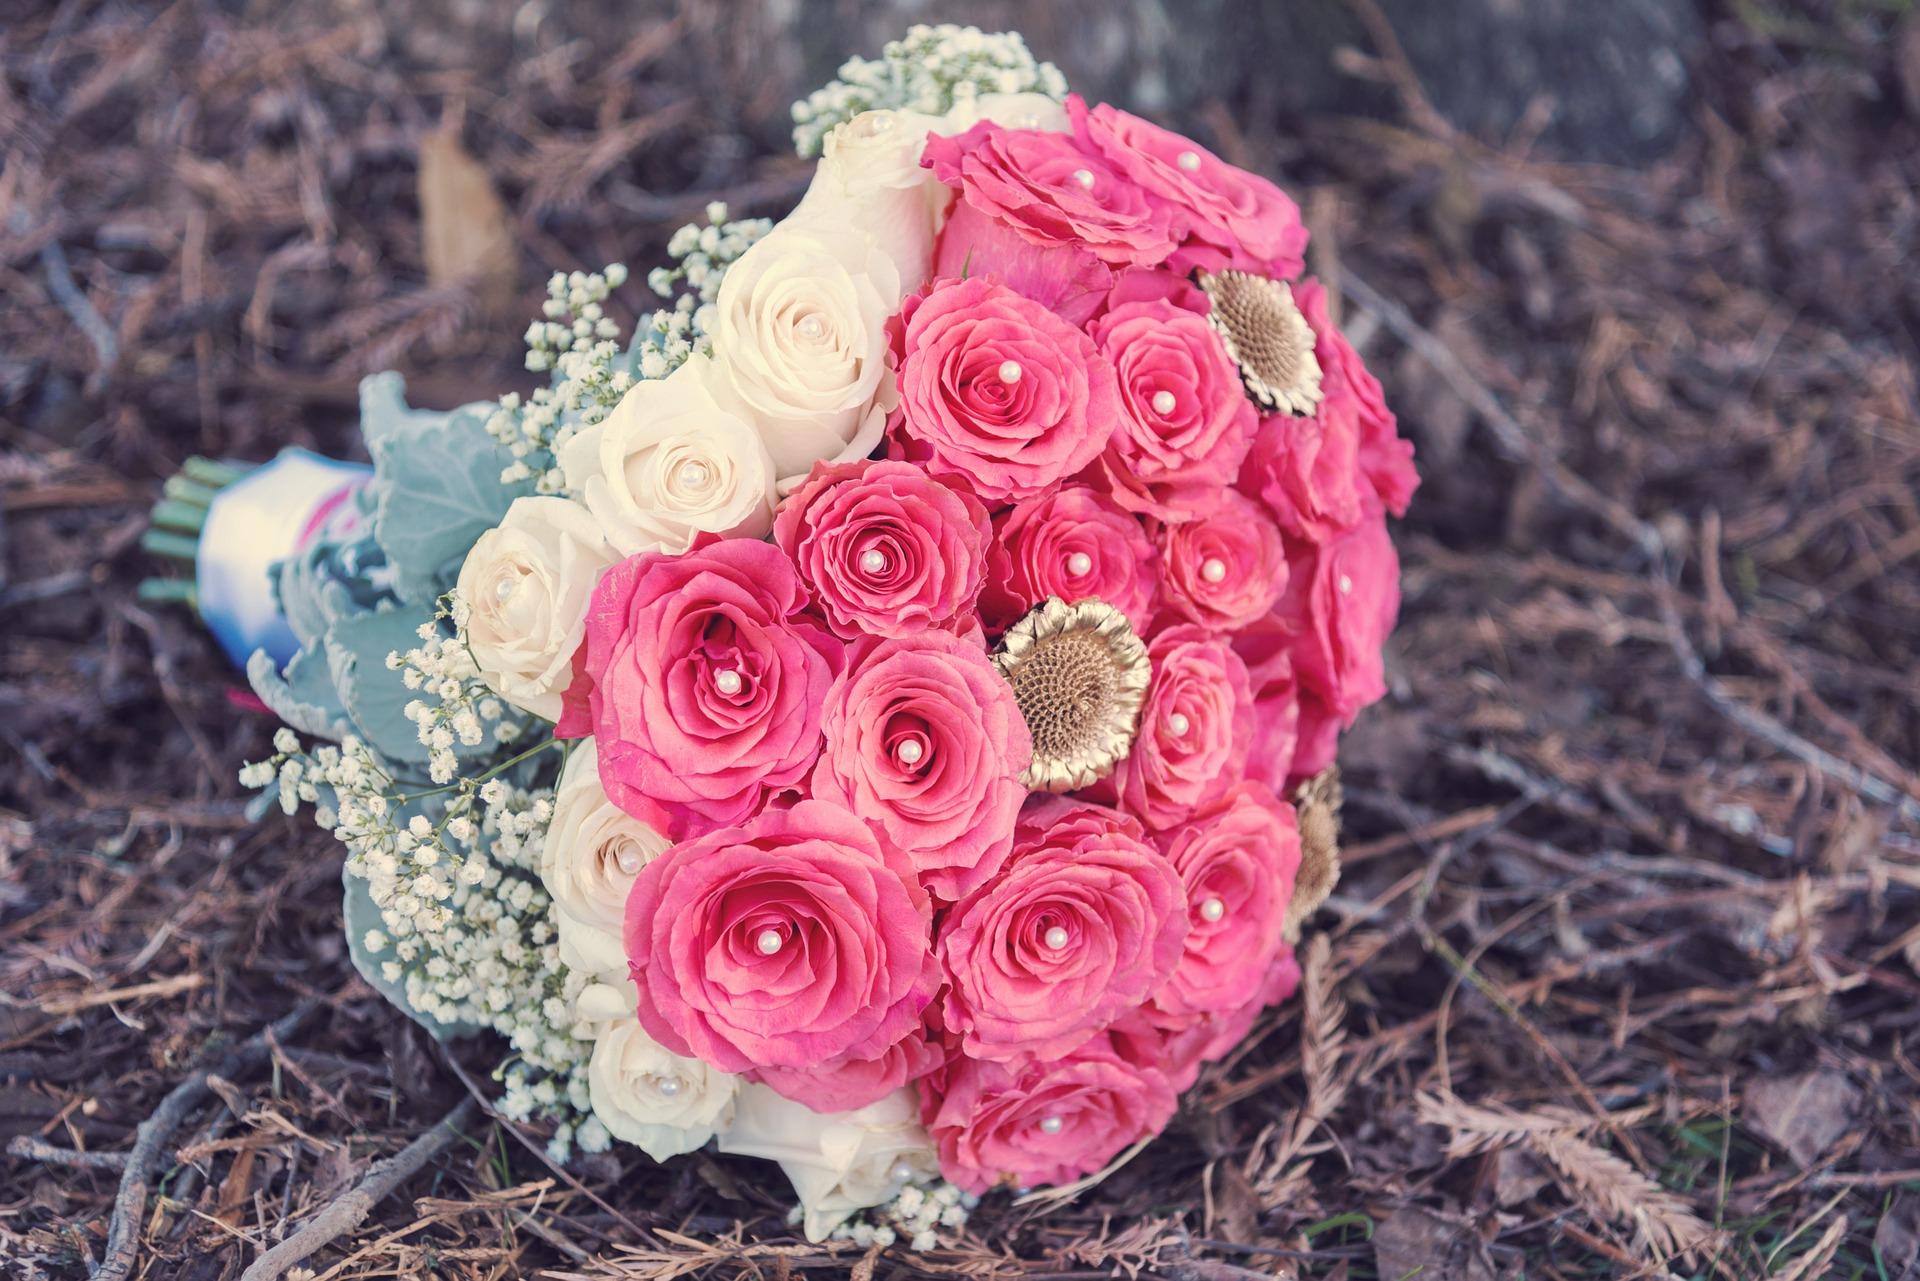 njsghy-wedding-flowers (1)